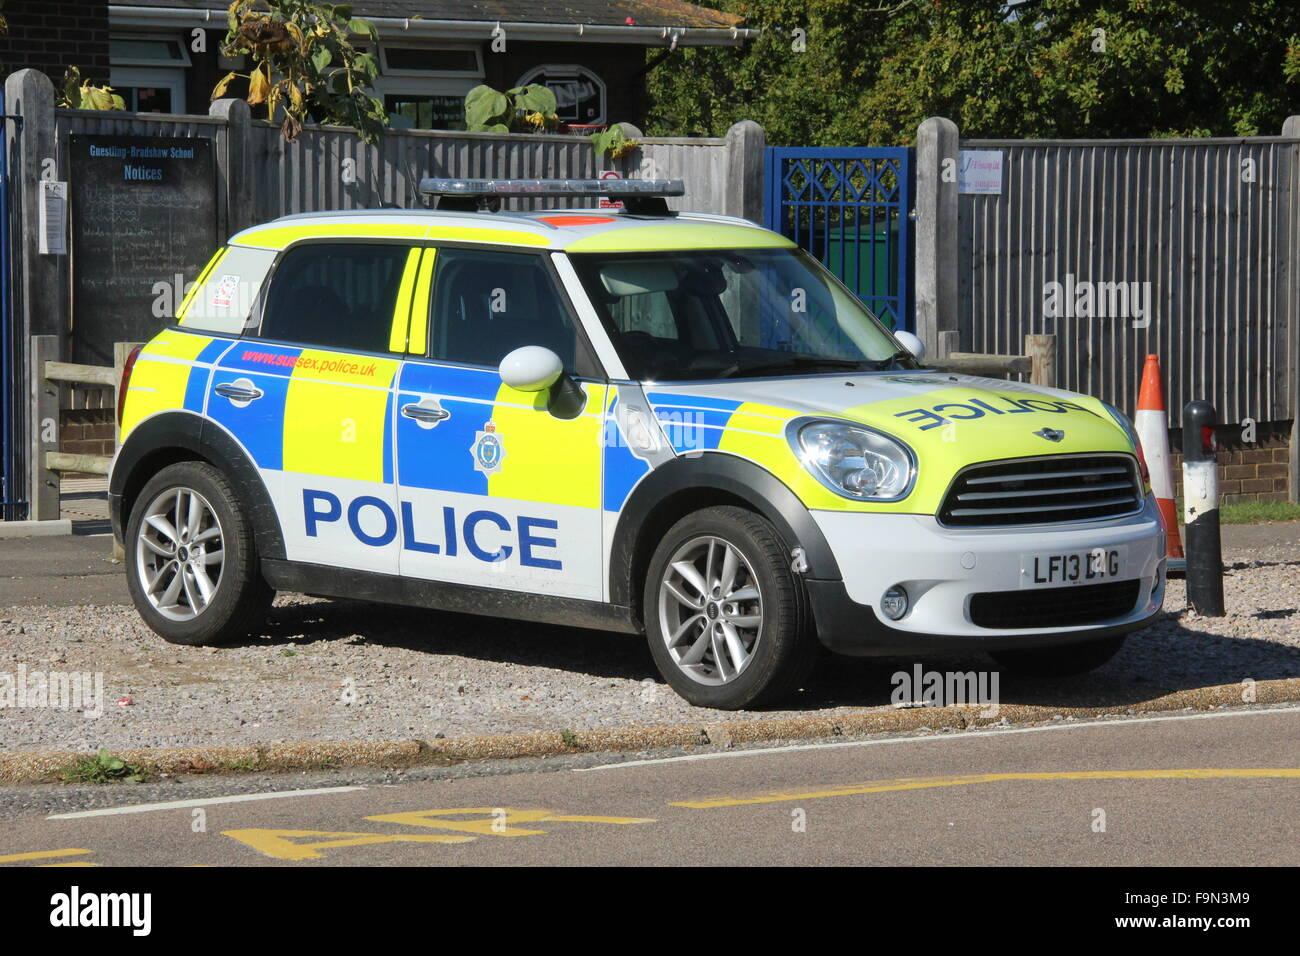 La policía de SUSSEX BMW nuevo Mini Coche policial visto estacionado en público en la brillante luz del Imagen De Stock